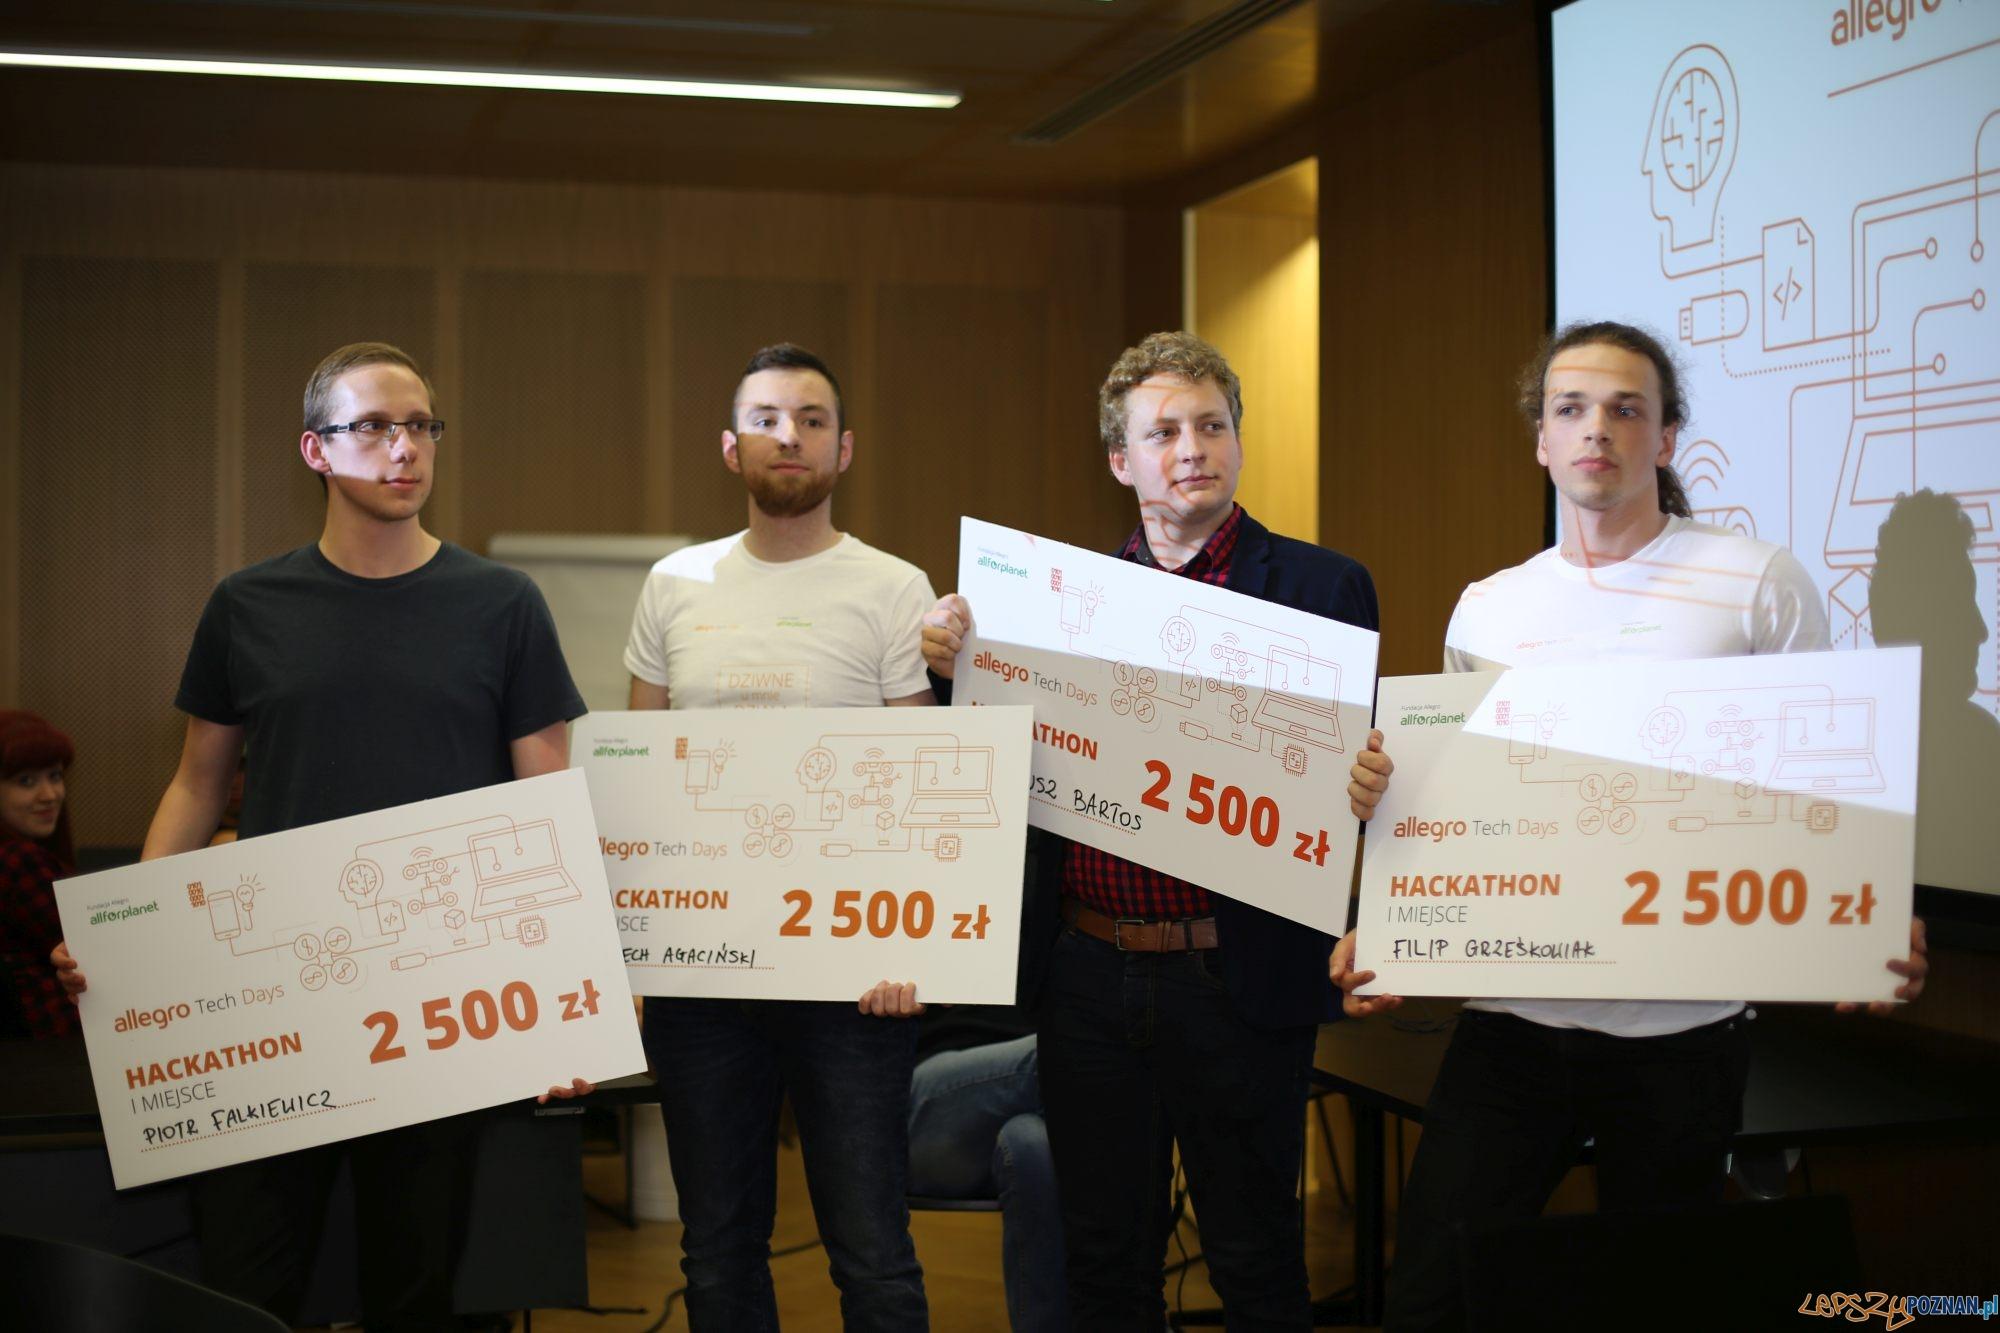 Poznaniacy Wygrali Ogolnopolski Hackathon Allegro Tech Days Lepszy Poznan Informacje Z Twojego Fyrtla